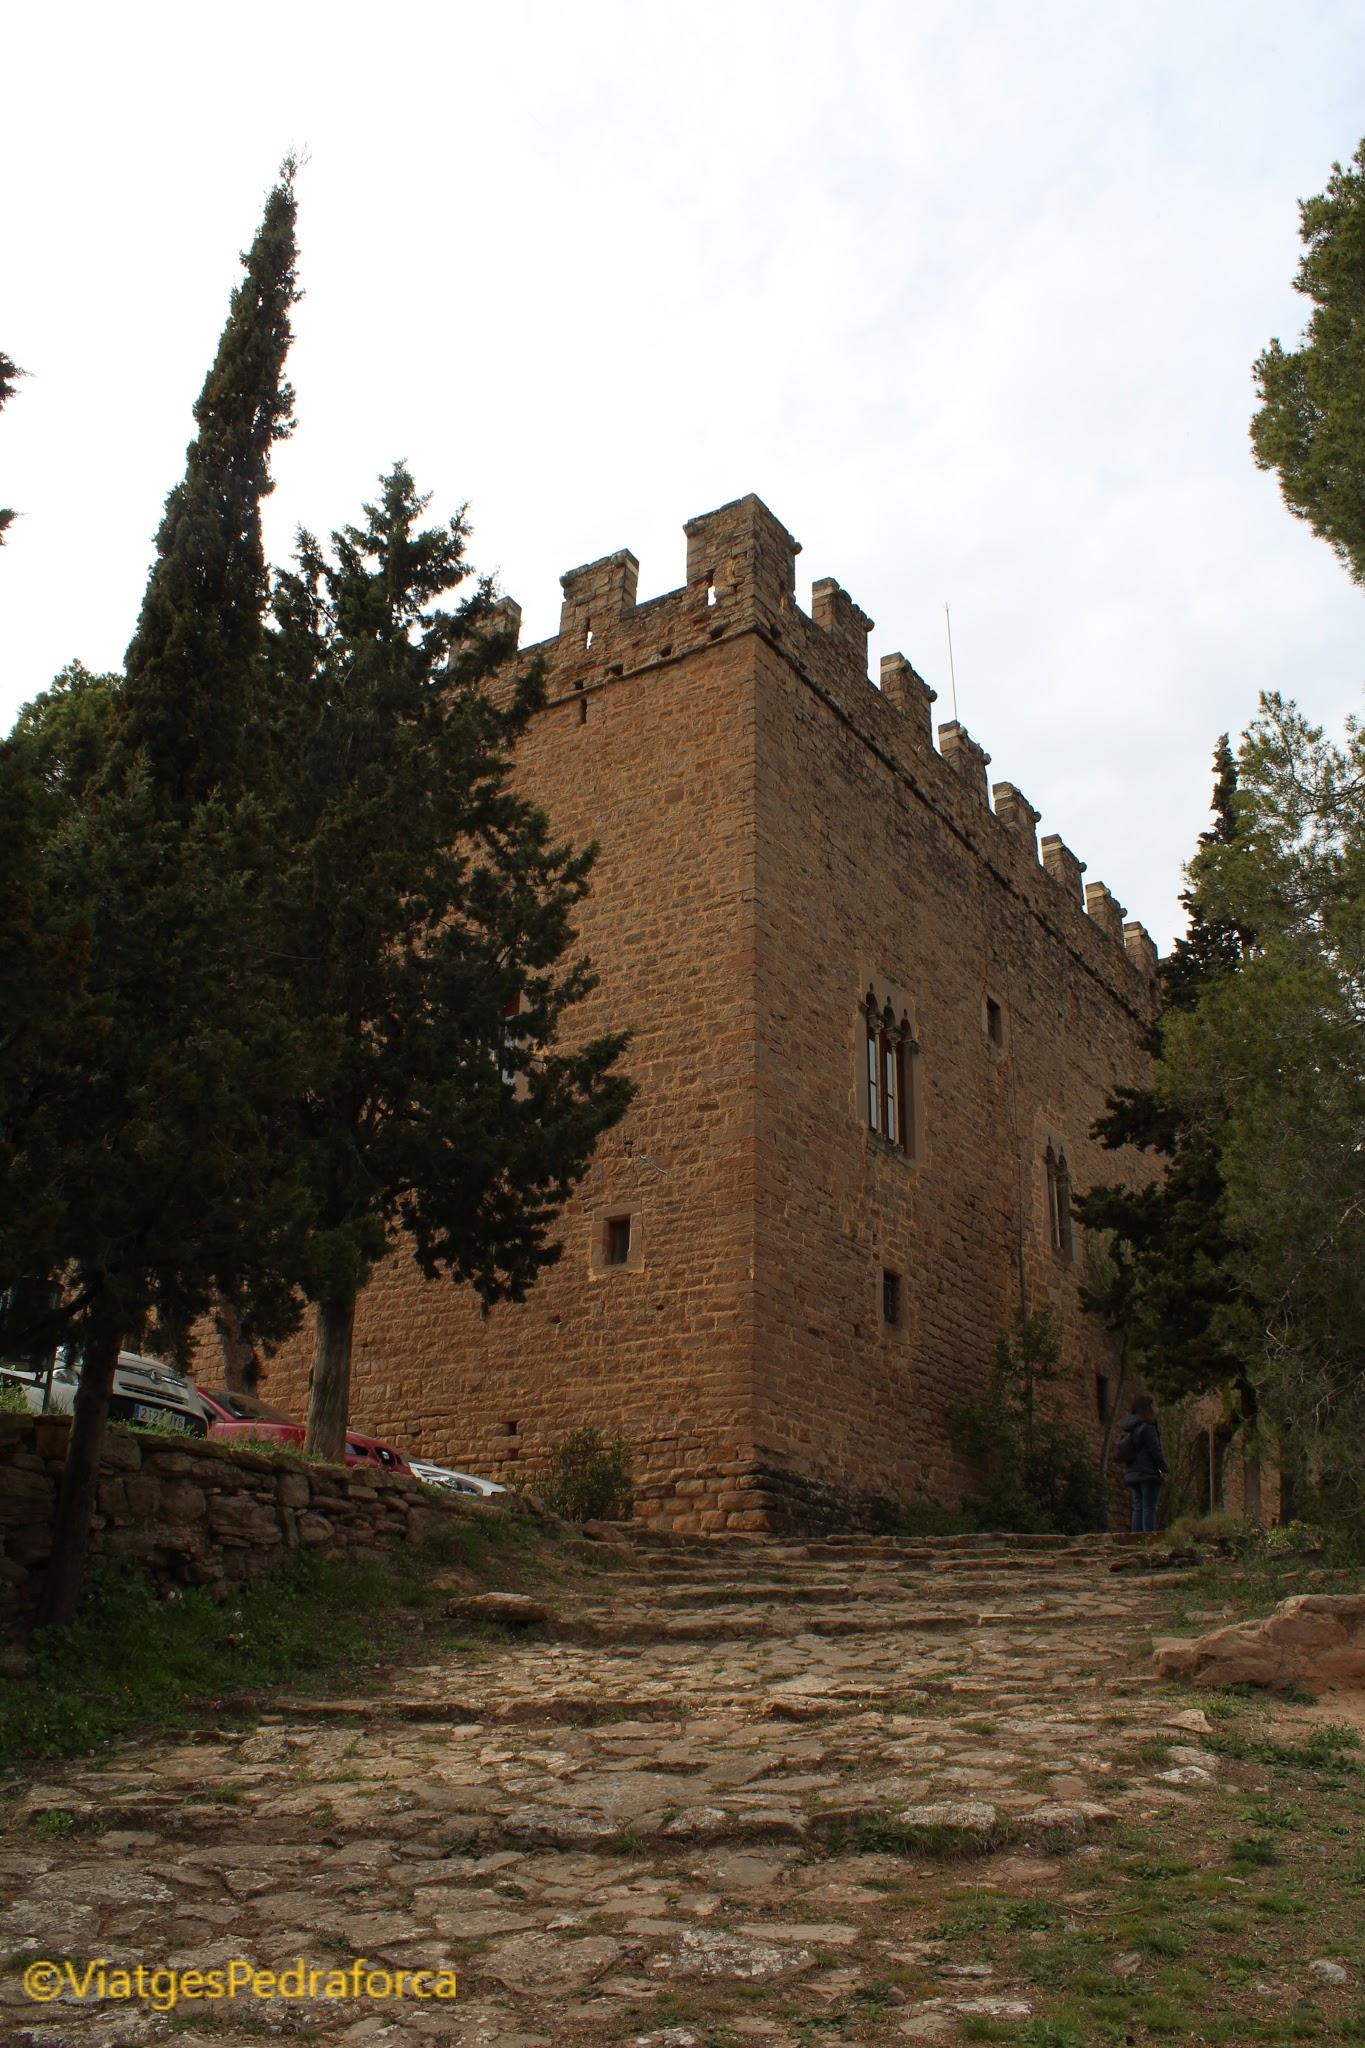 Ruta pel Bages medieval, Catalunya, patrimoni cultural